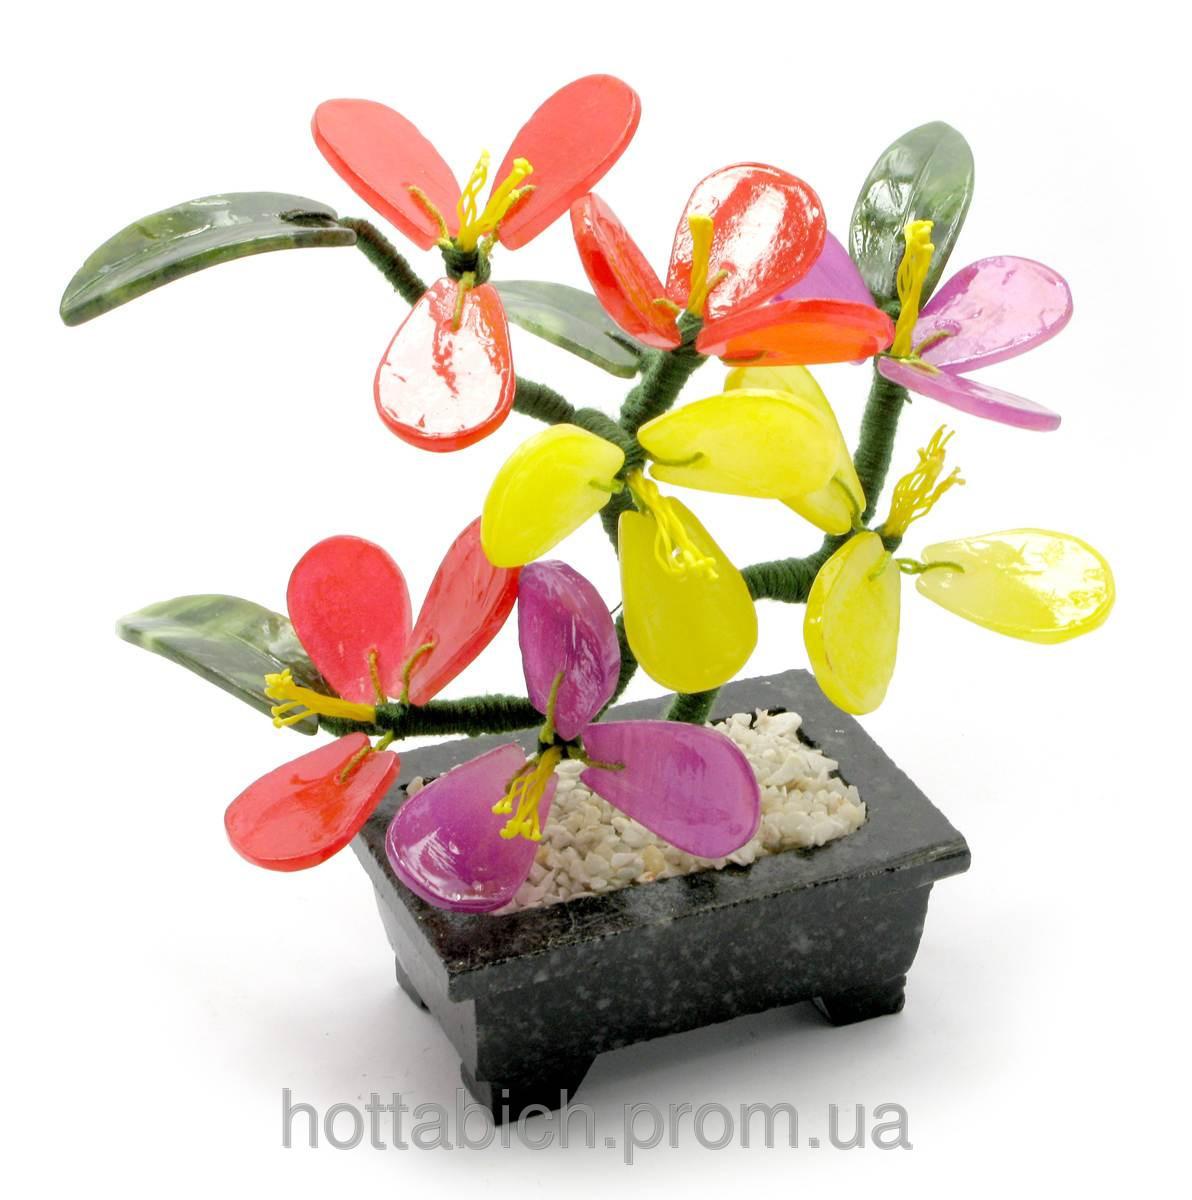 Дерево с цветами (7 цветков)